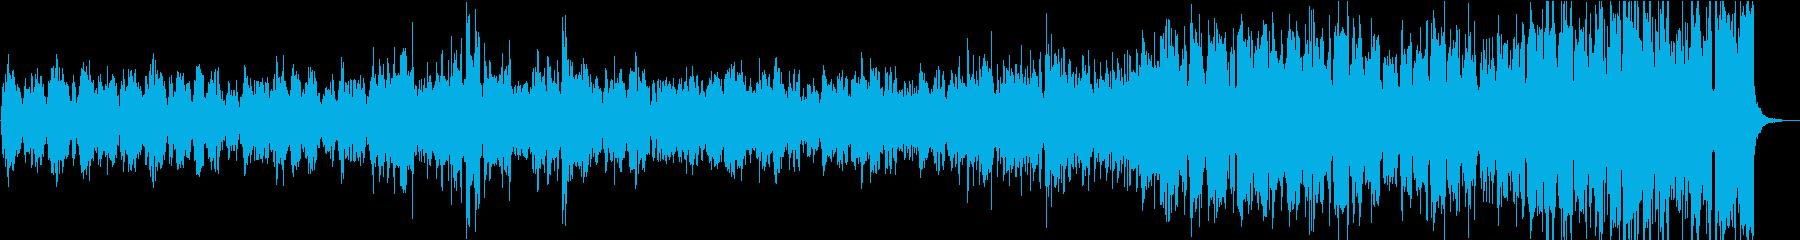 リズミカルなケルト風ロックの再生済みの波形